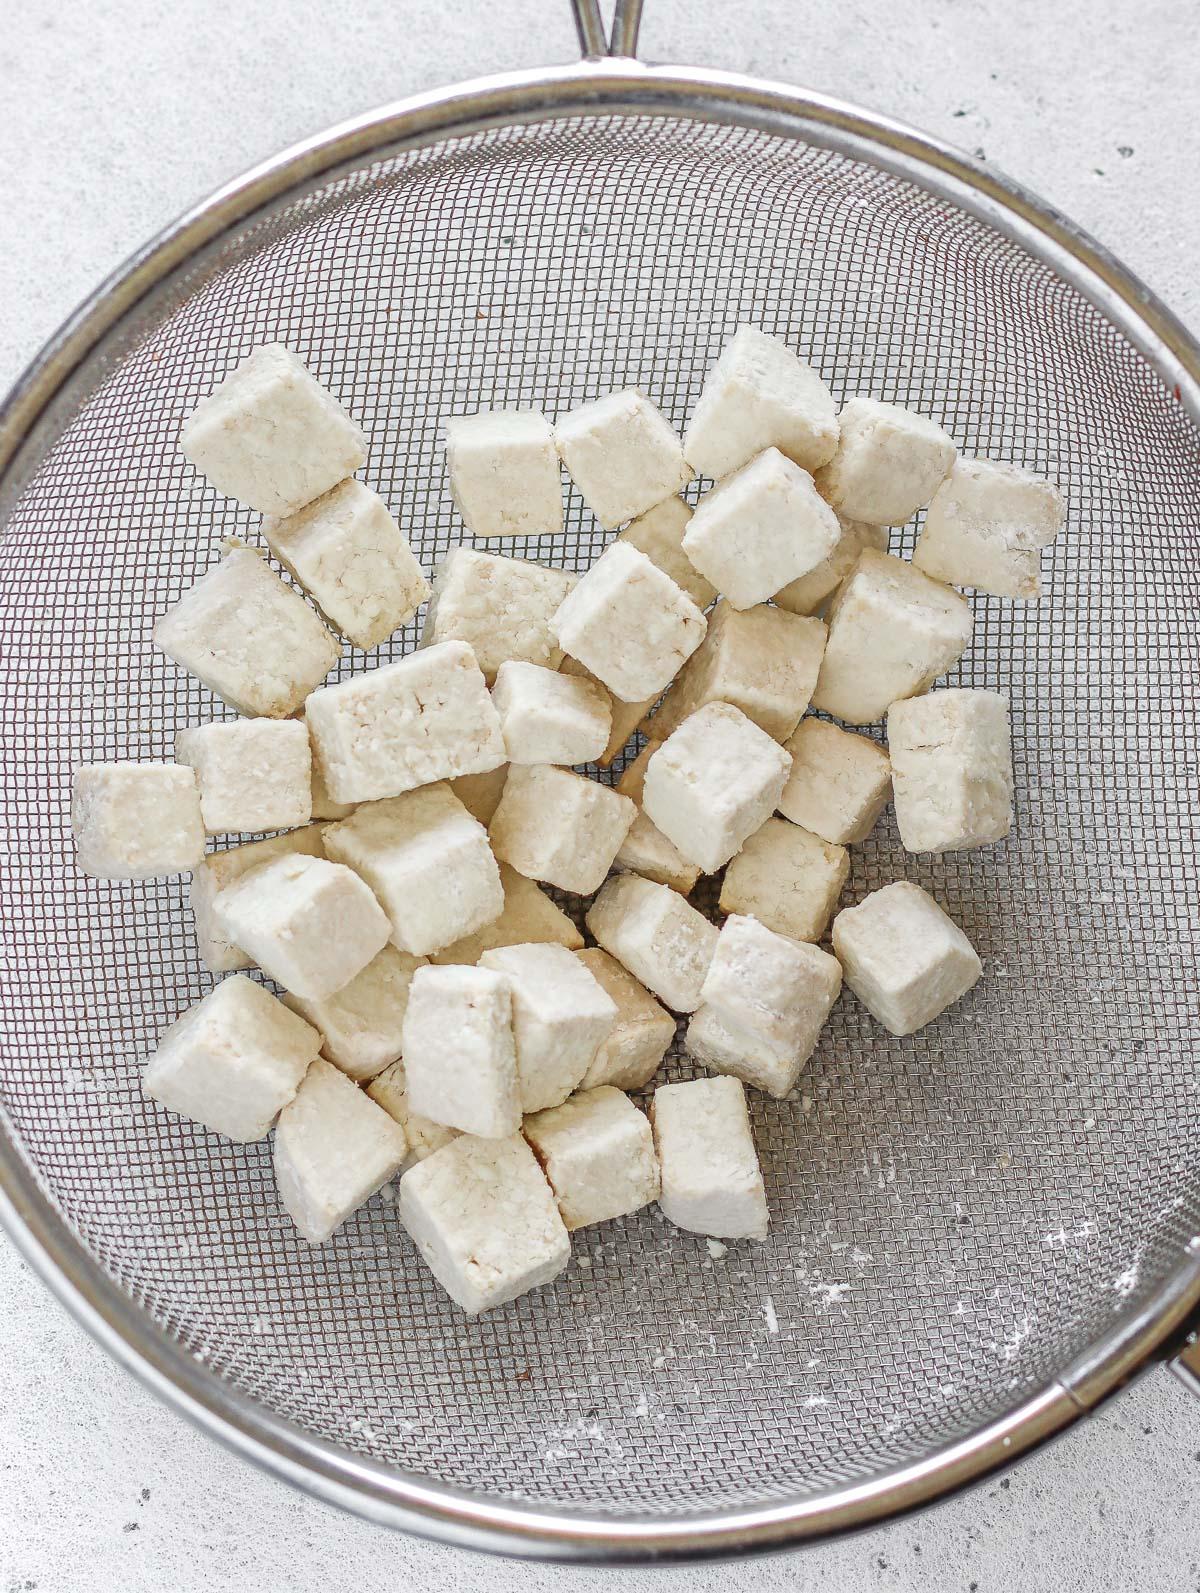 tofu ricoperto di amido di mais